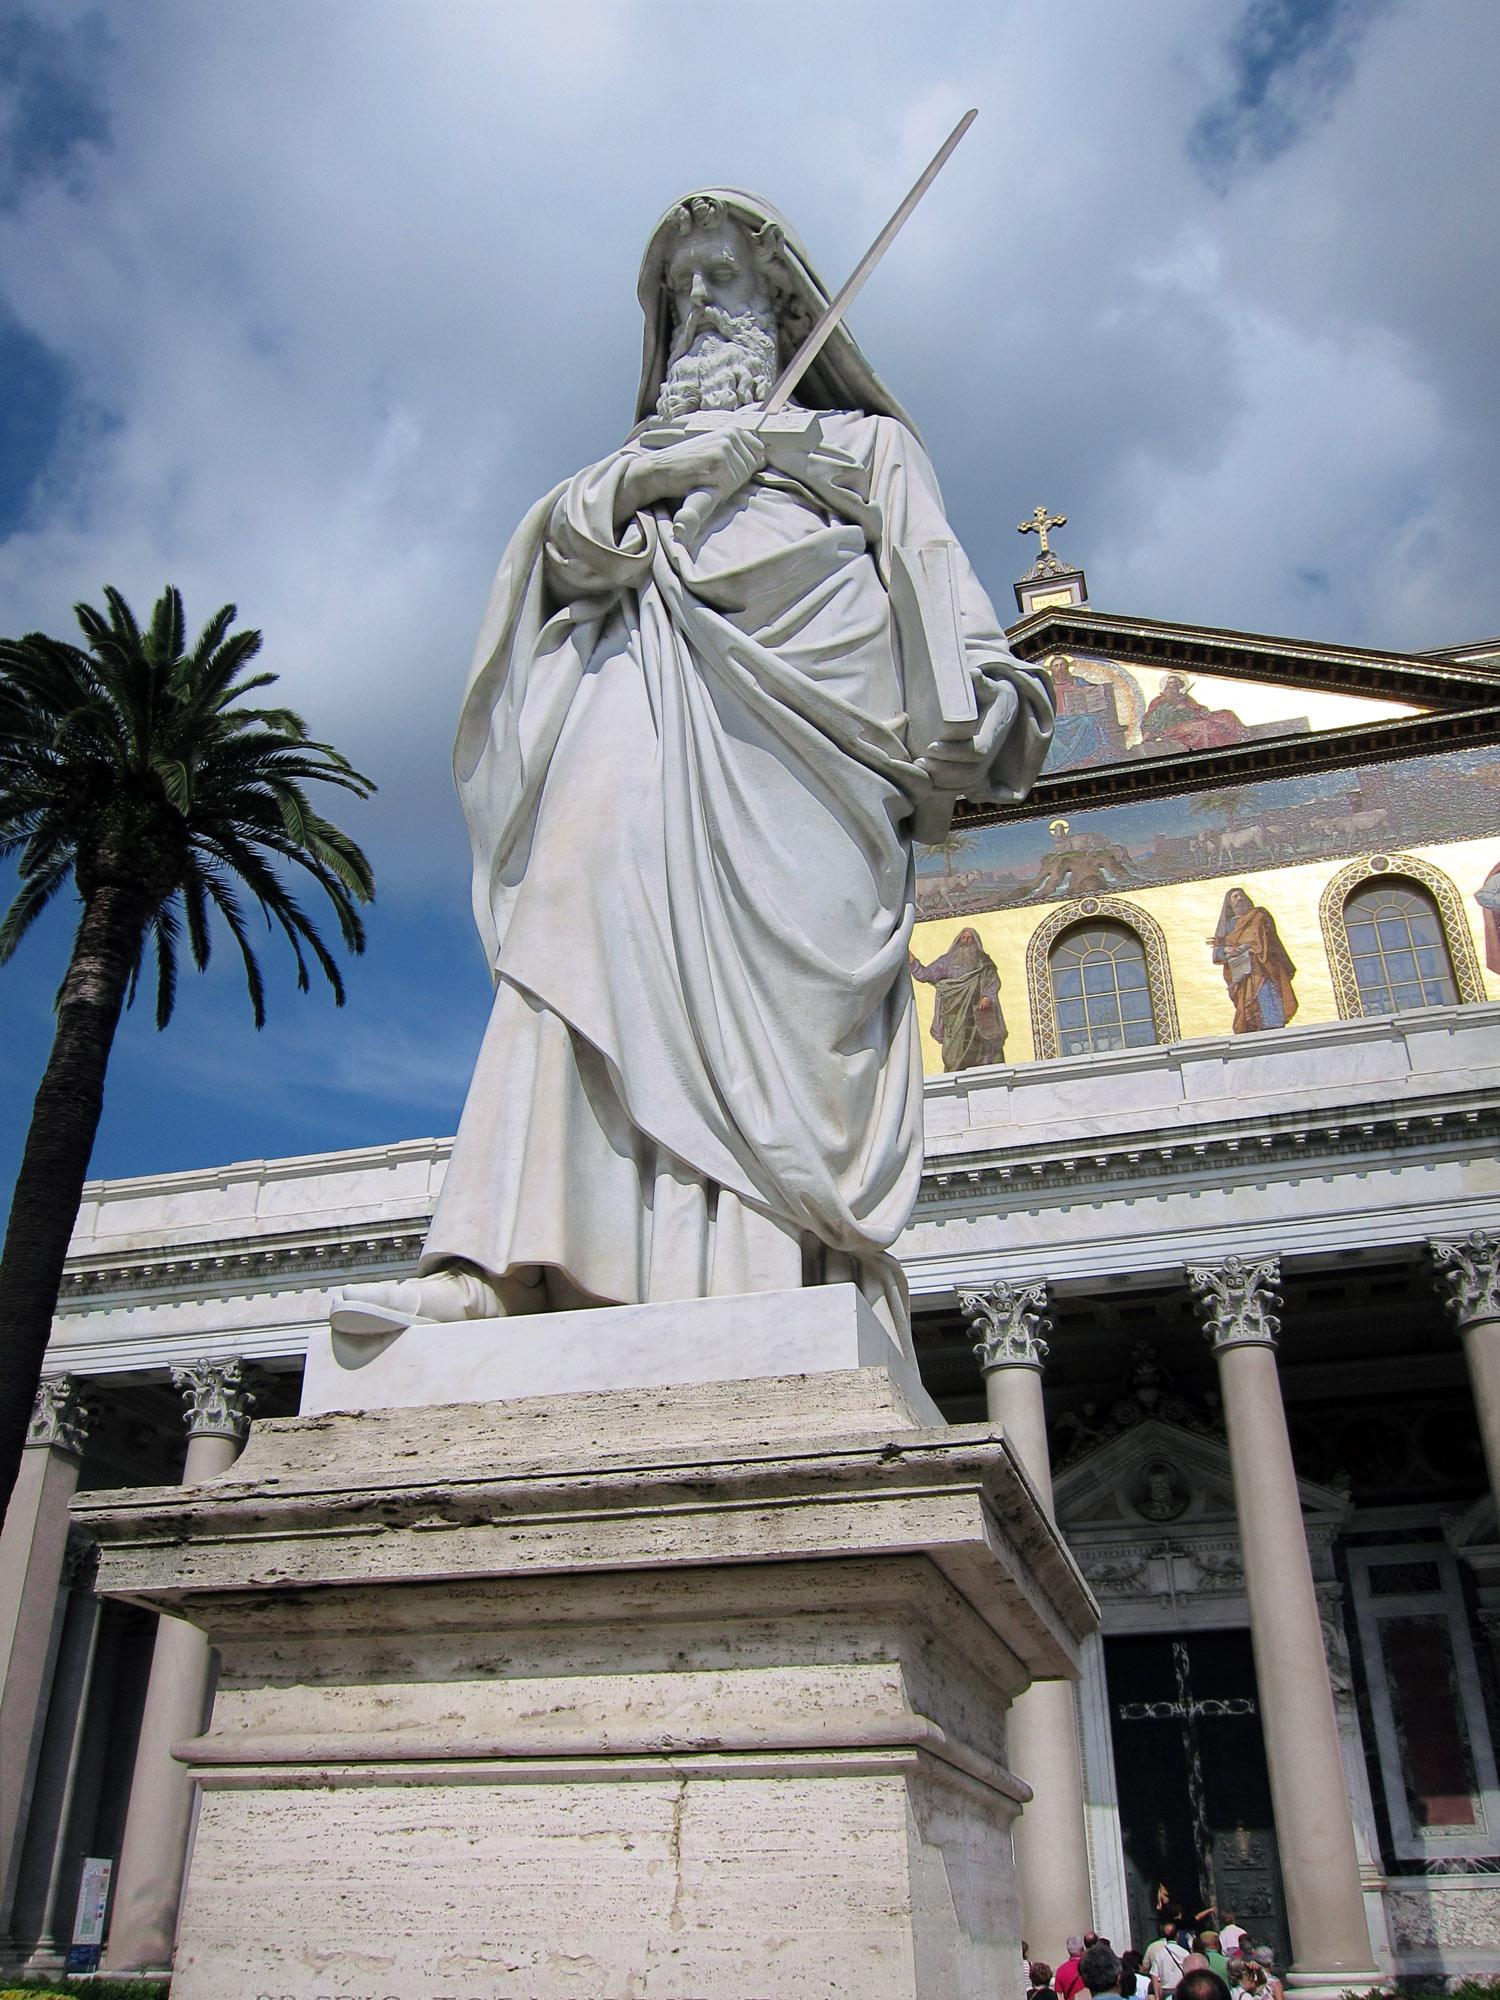 Statua di San Paolo, Basilica di San Paolo fuori le mura dans IMMAGINI (DI SAN PAOLO, DEI VIAGGI, ALTRE SUL TEMA) bosps-IMG_1668a1